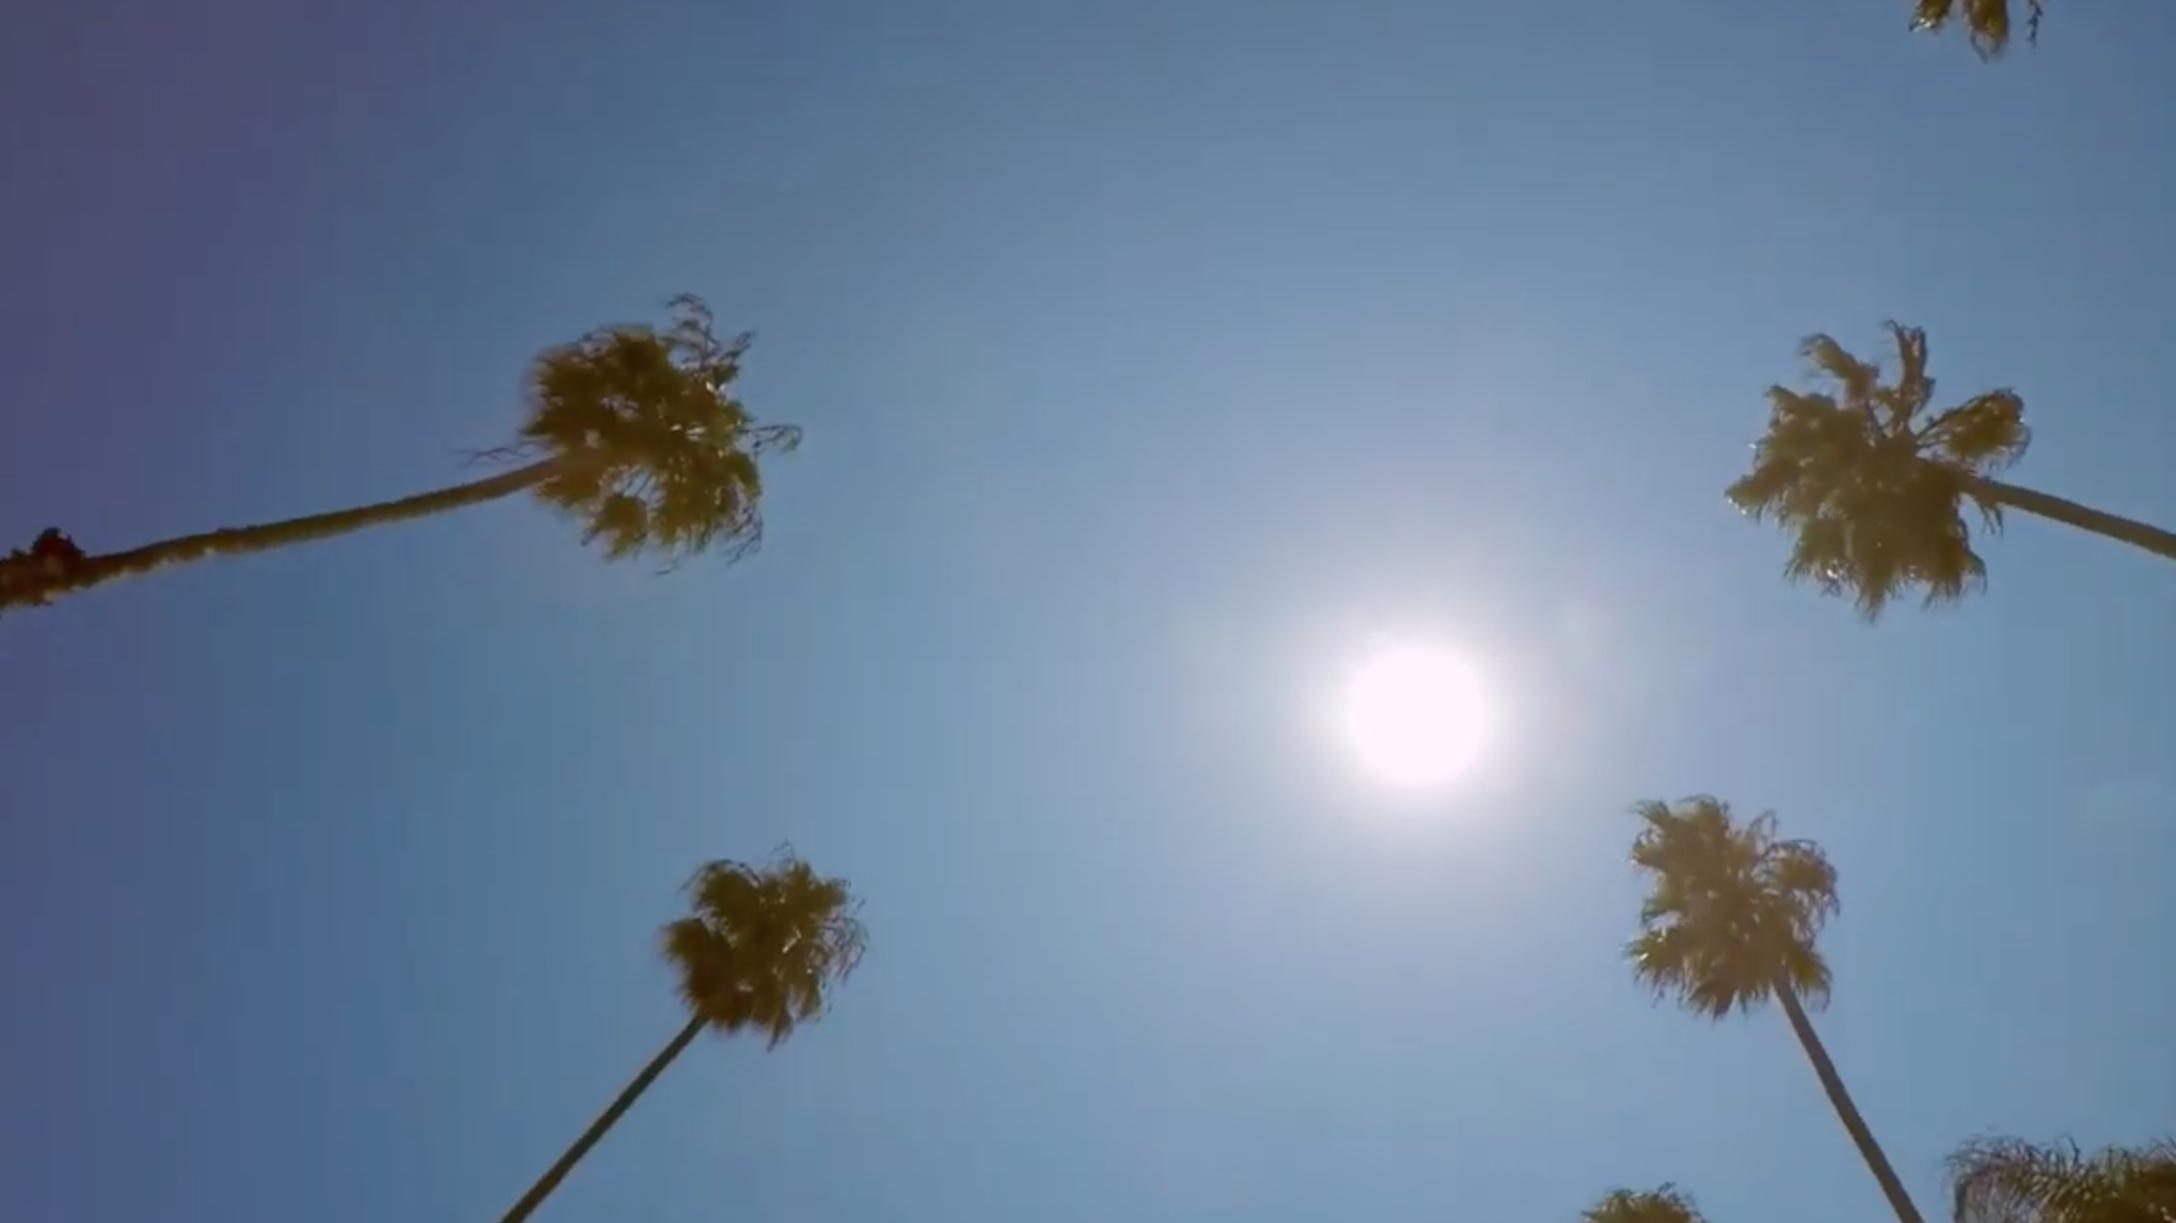 - Los Angeles, California